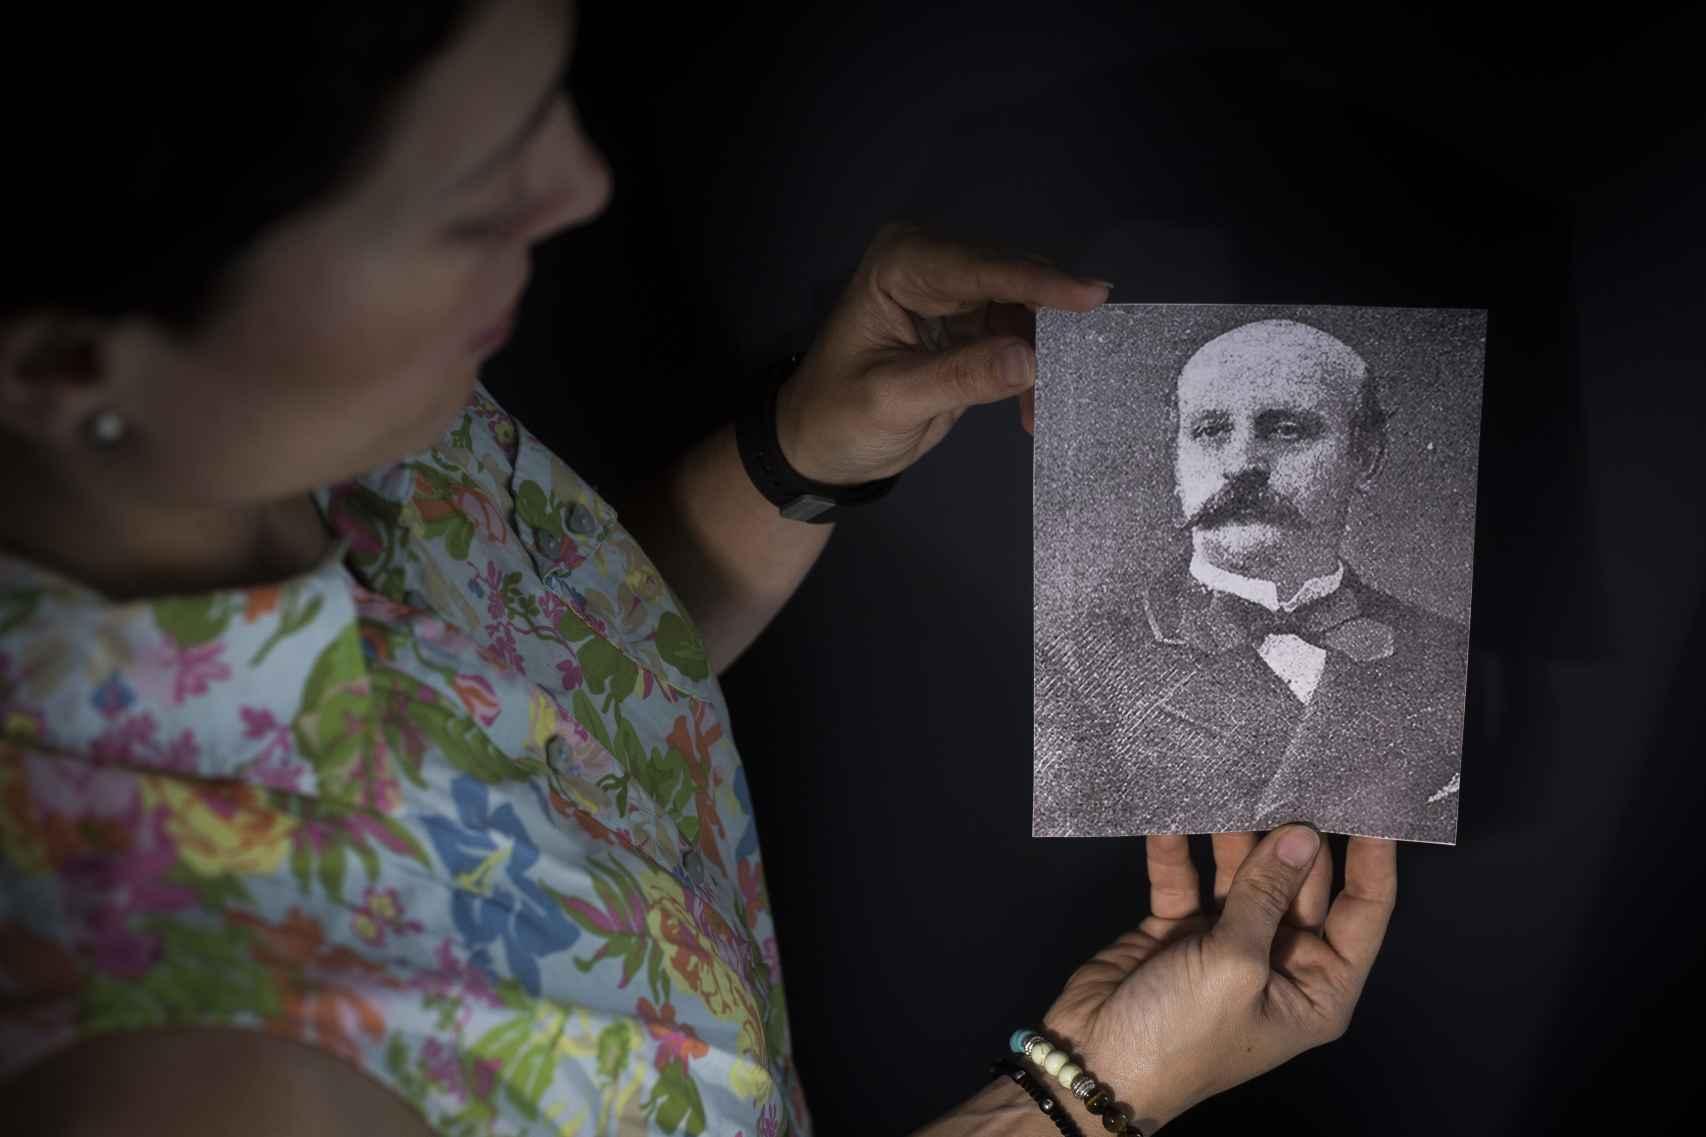 Almudena Bonaplata, descendiente del empresario catalán José Bonaplata, cofundador de la feria del ganado que dio origen a la actual Feria de Sevilla.